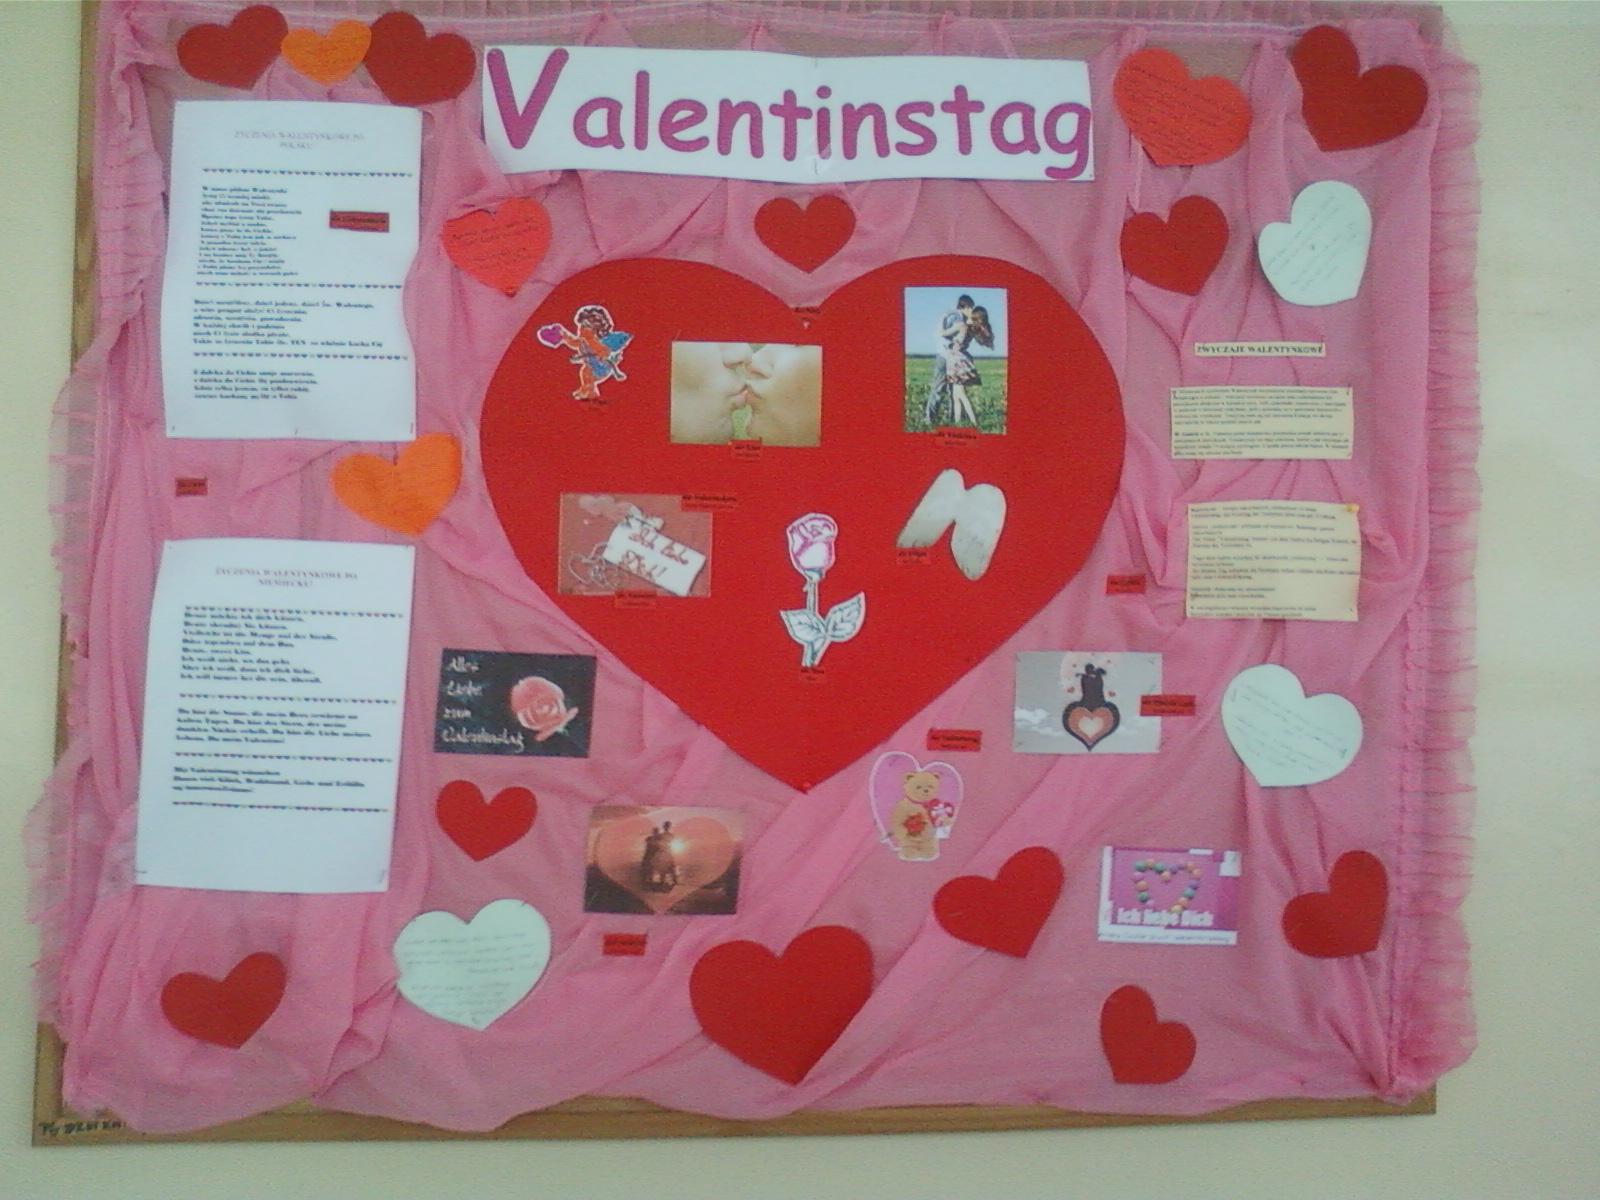 deutschfun: Valentinstag!